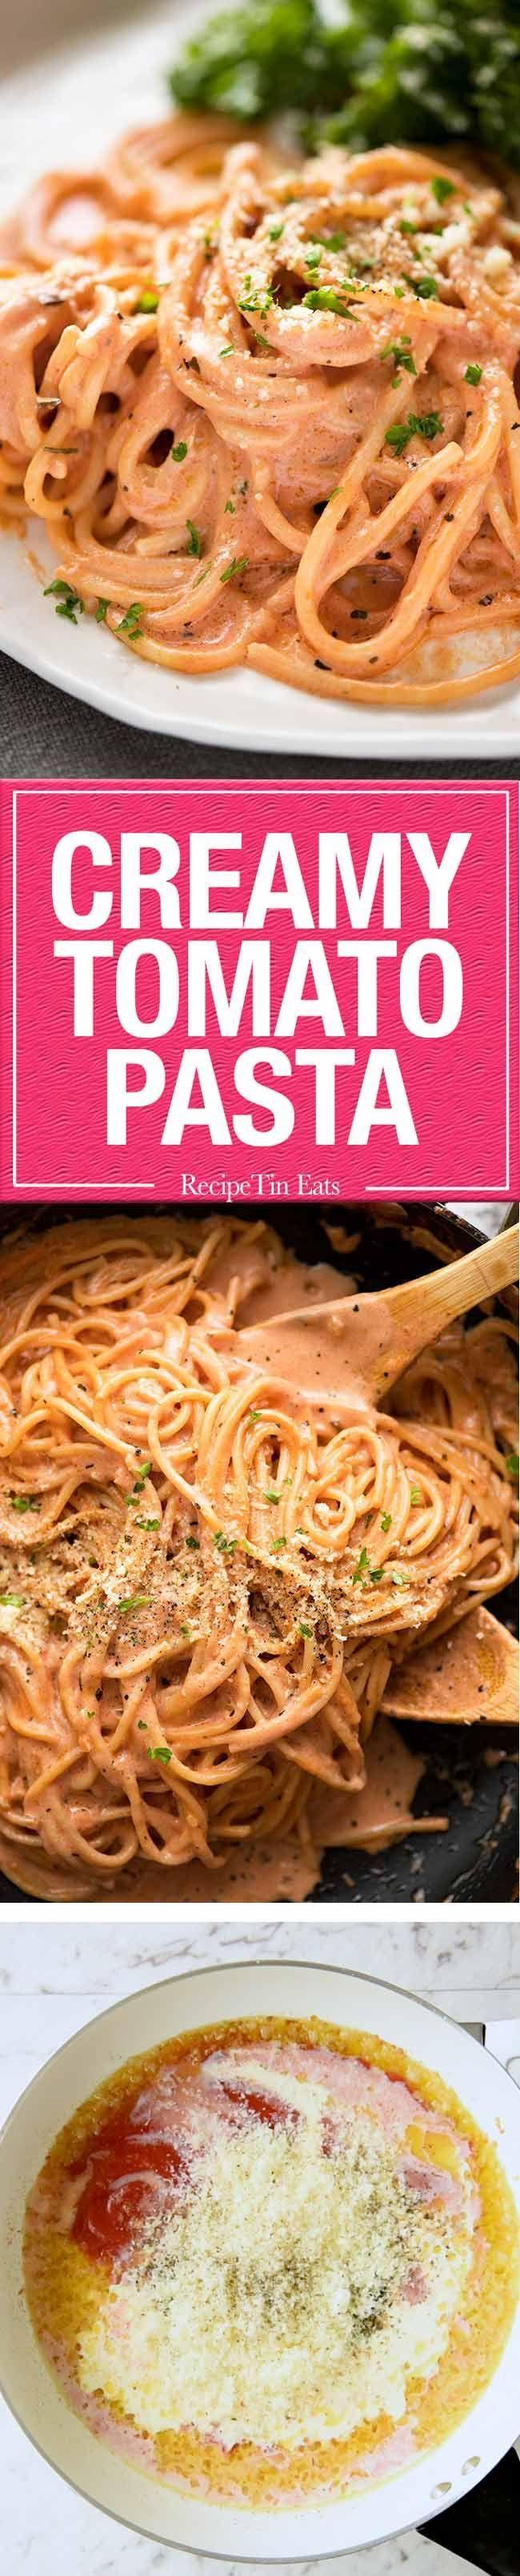 Creamy Tomato Pasta Recipe Creamy Tomato Pasta Pasta Recipes Creamy Pasta